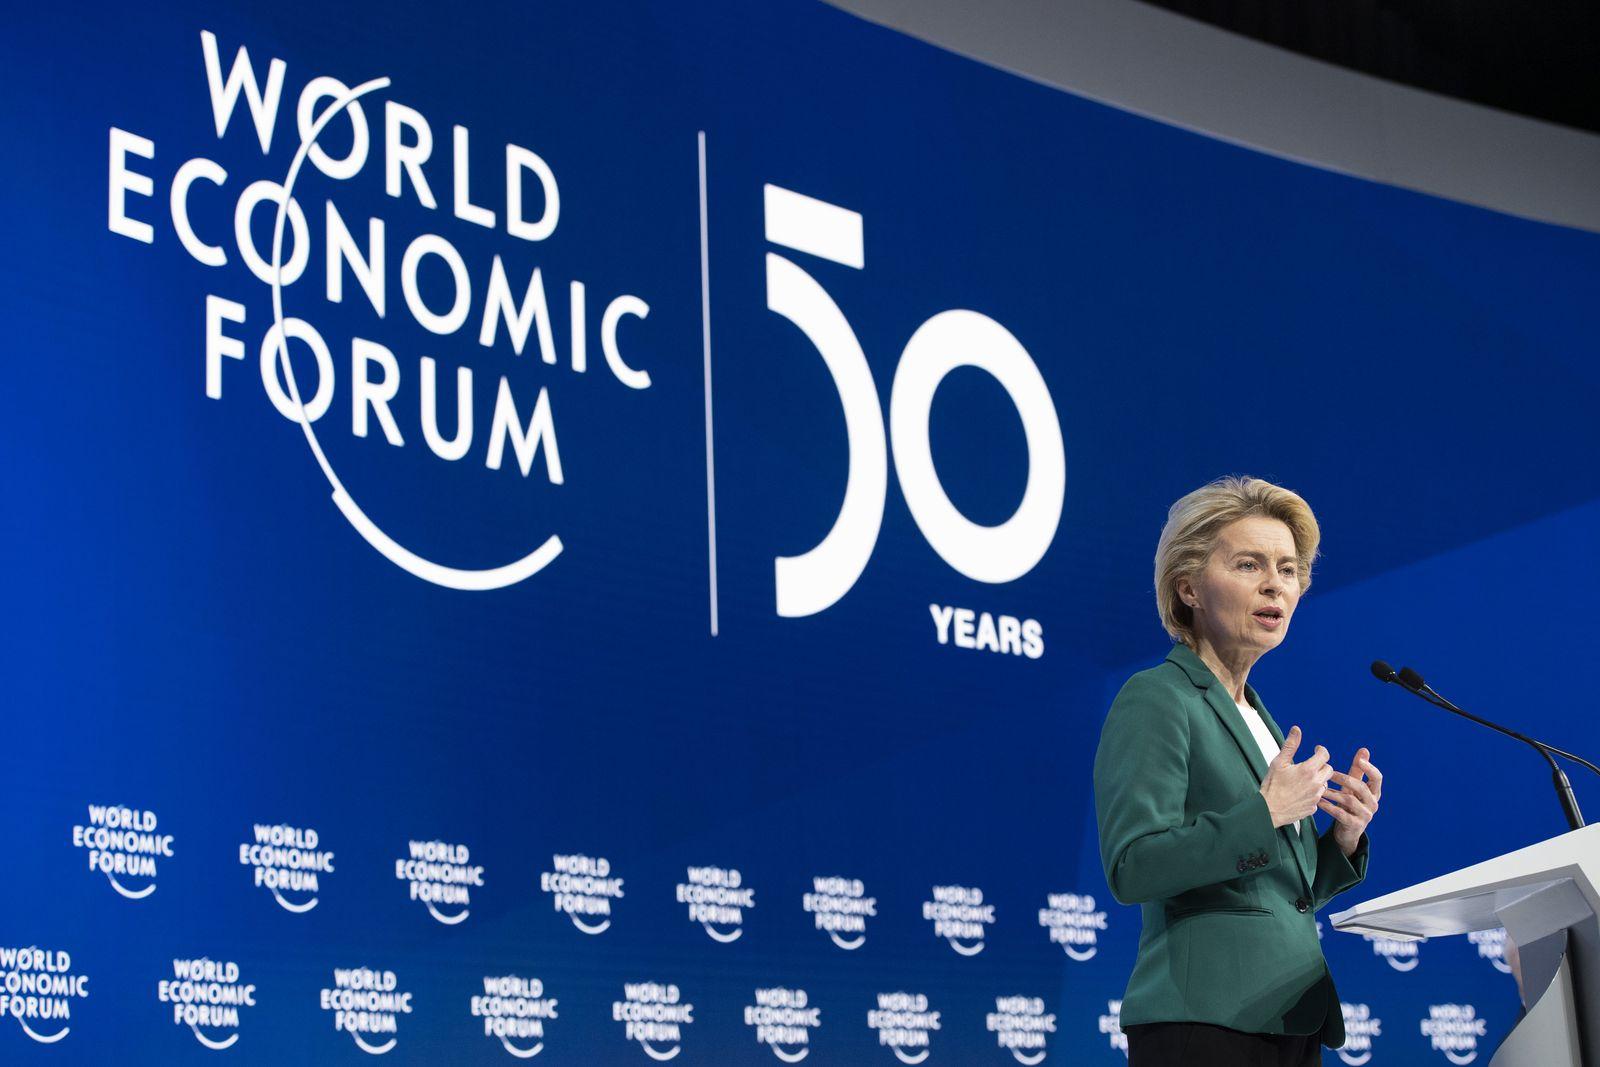 Weltwirtschaftsforum in Davos / Ursula von der Leyen